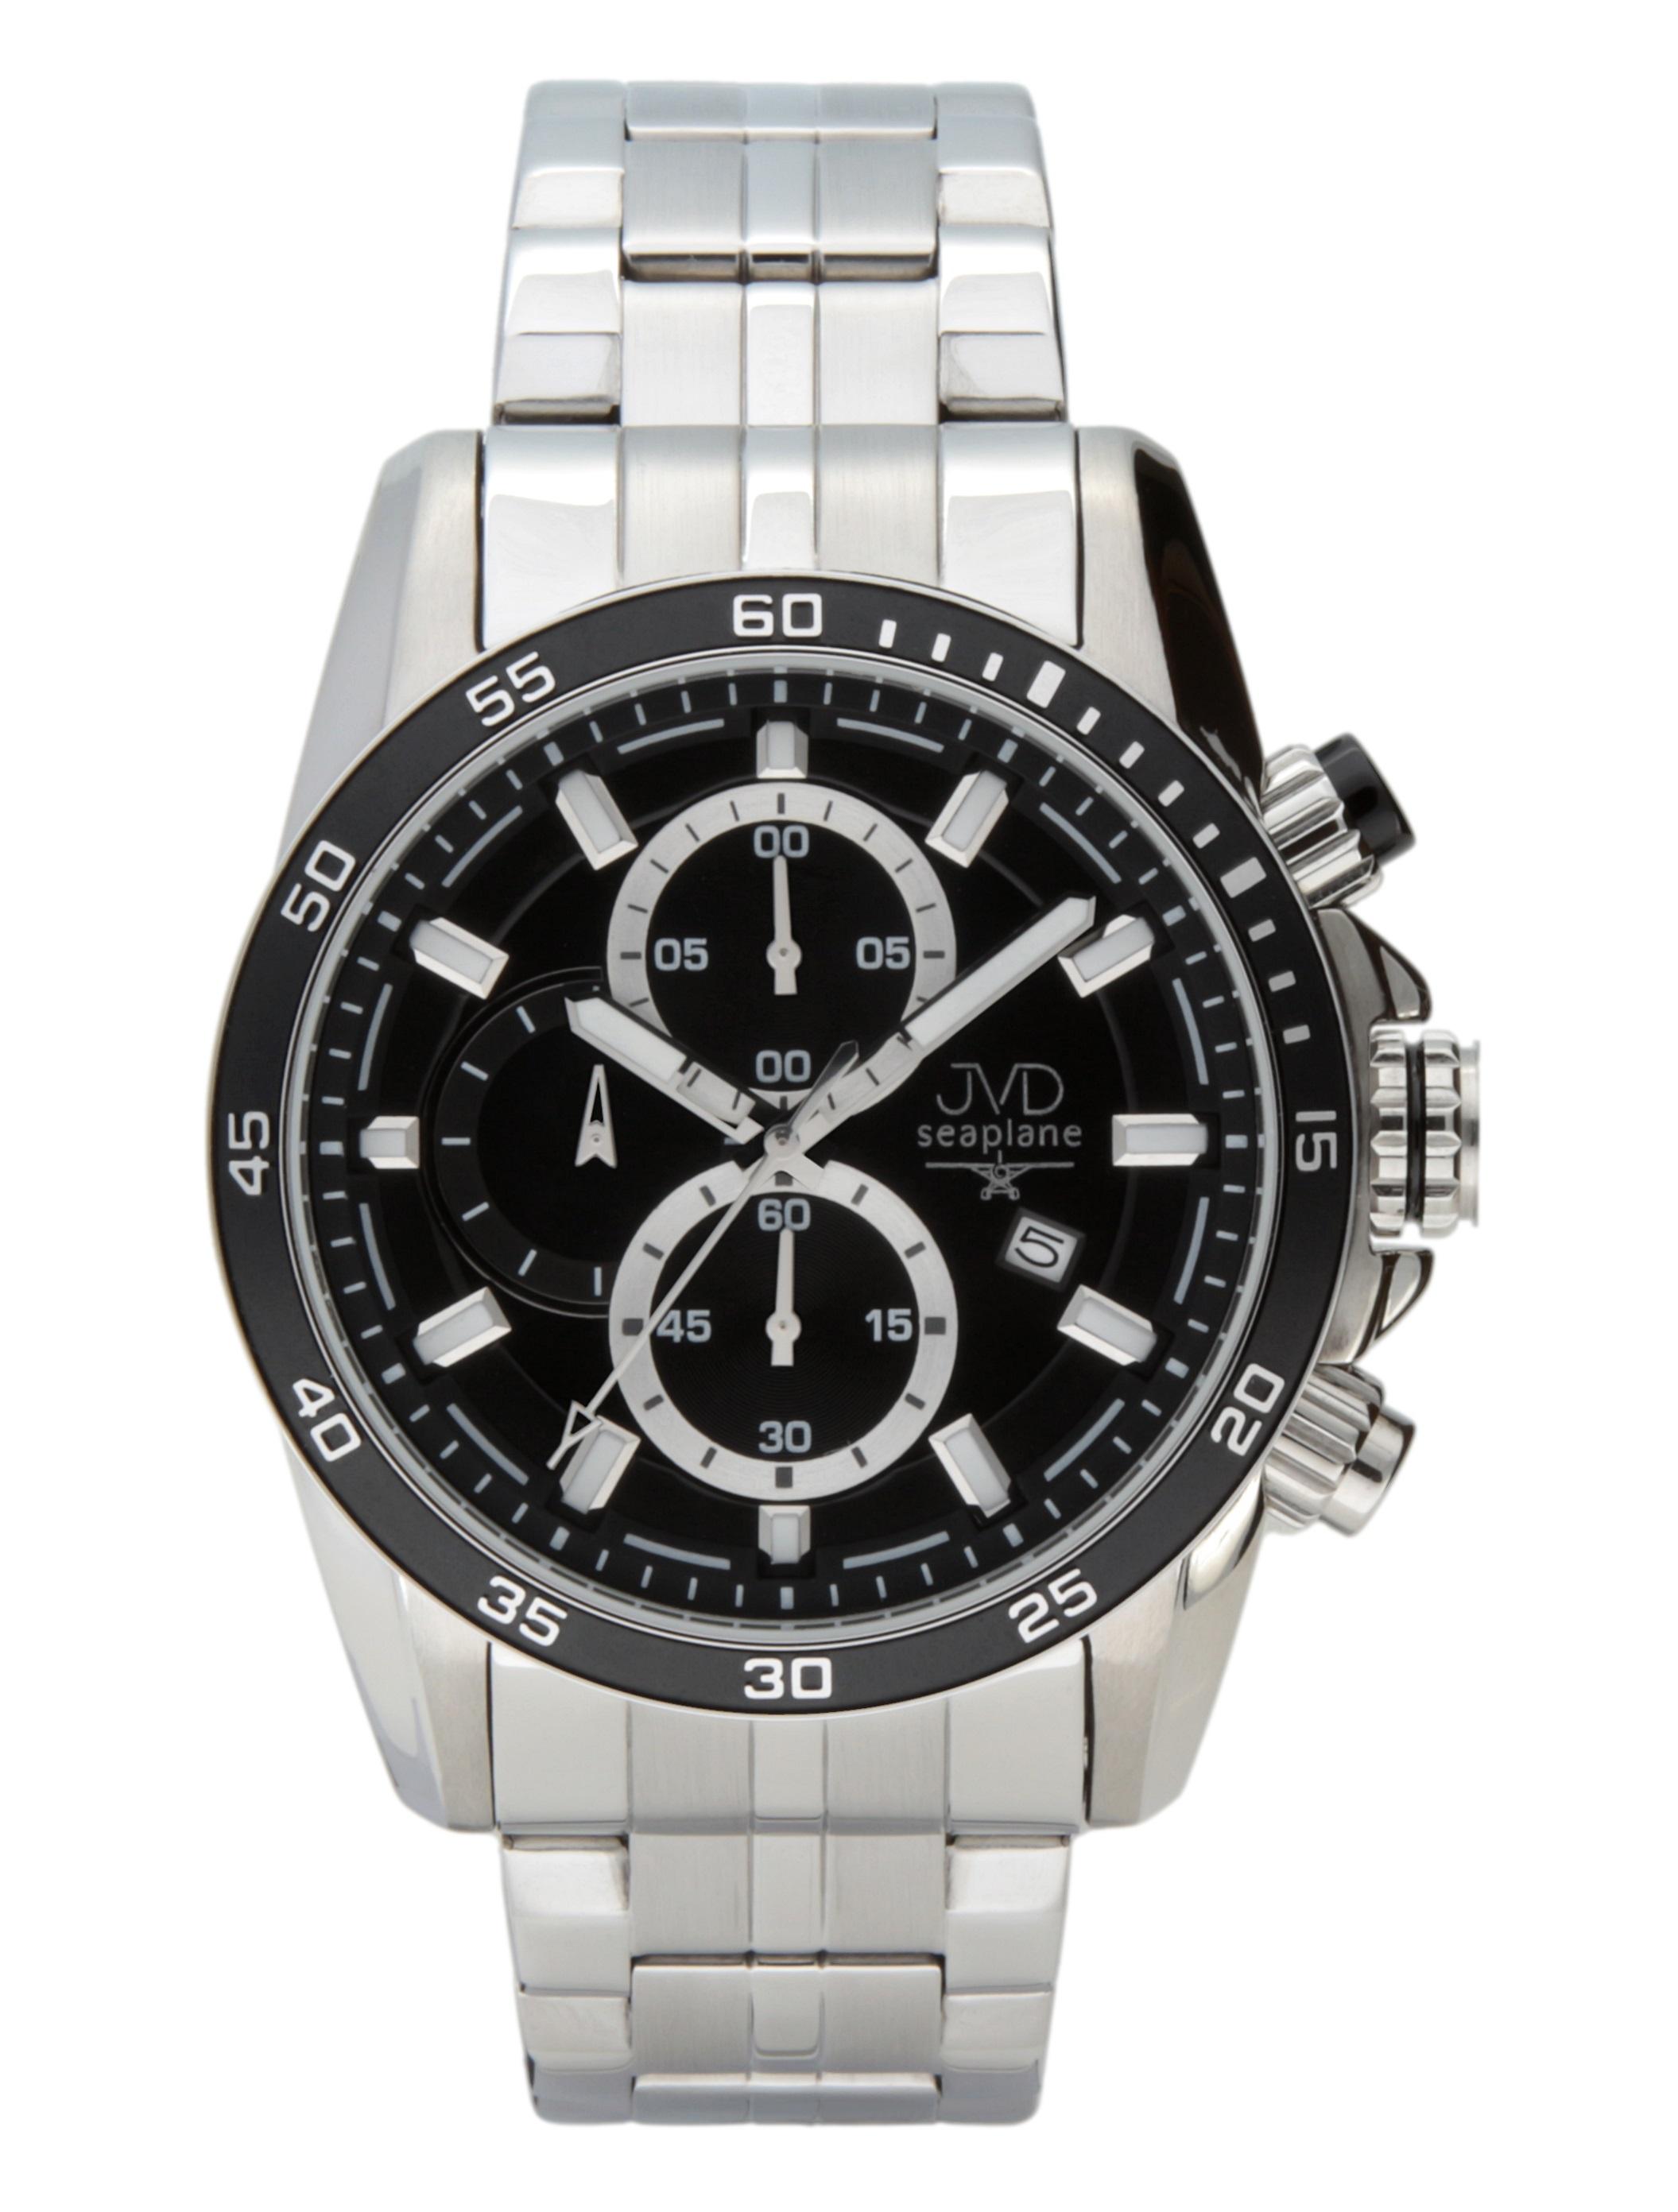 Luxusní pánský ocelový chronograf hodinky JVD seaplane W70.1 10ATM vodotěsné